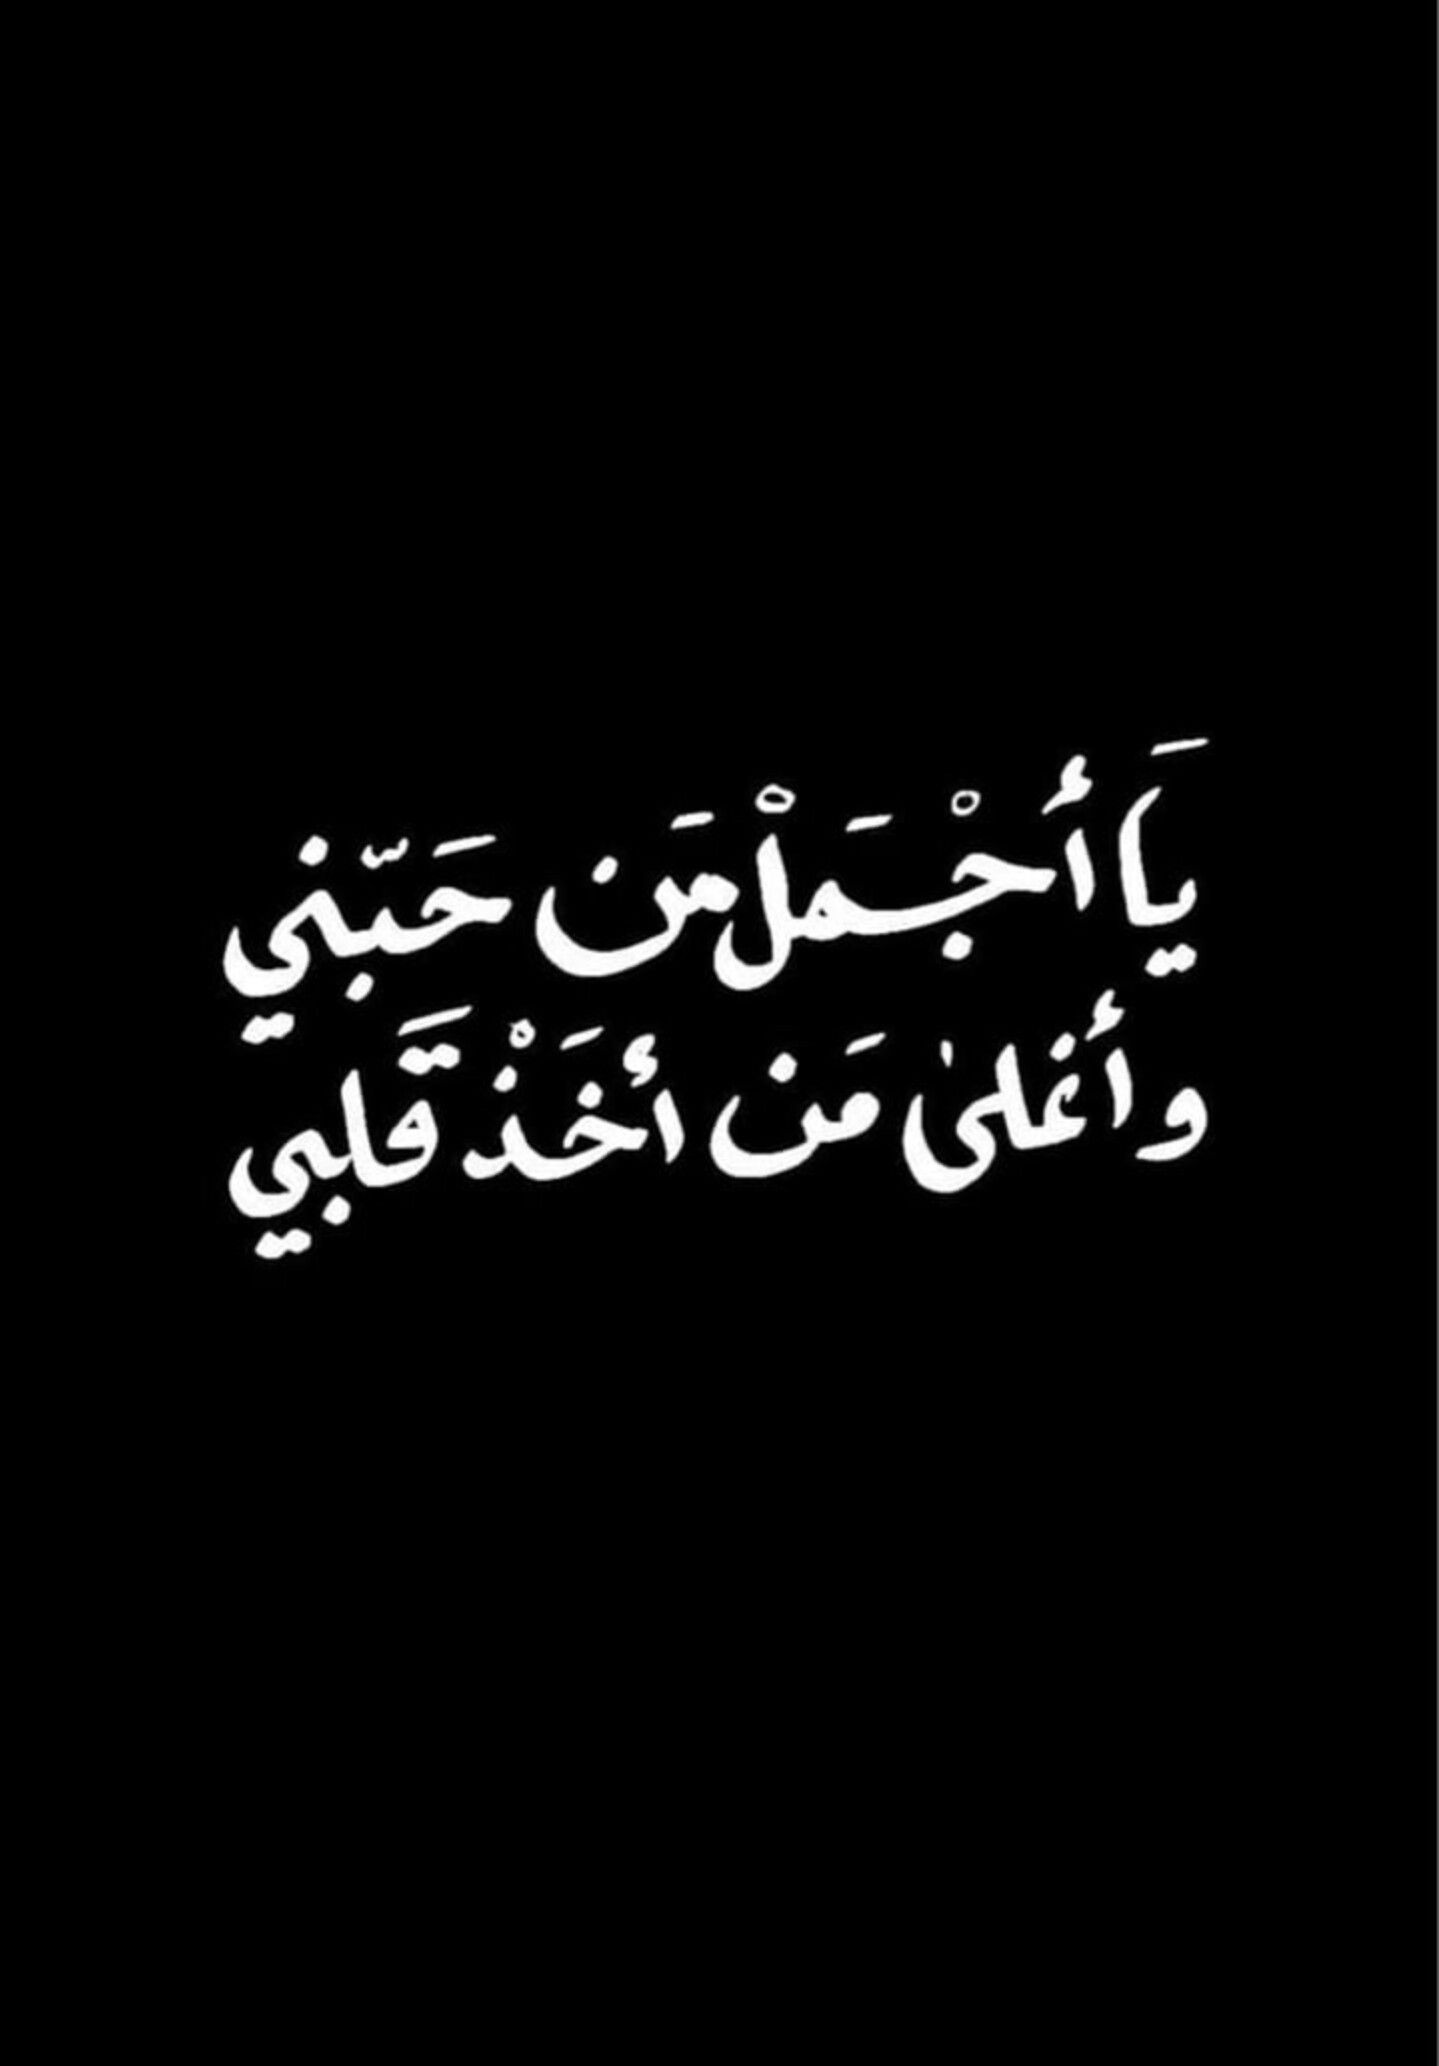 يا أجمل من حبني ويا أغلى من أخذ قلبي Funny Arabic Quotes Arabic Love Quotes Words Quotes